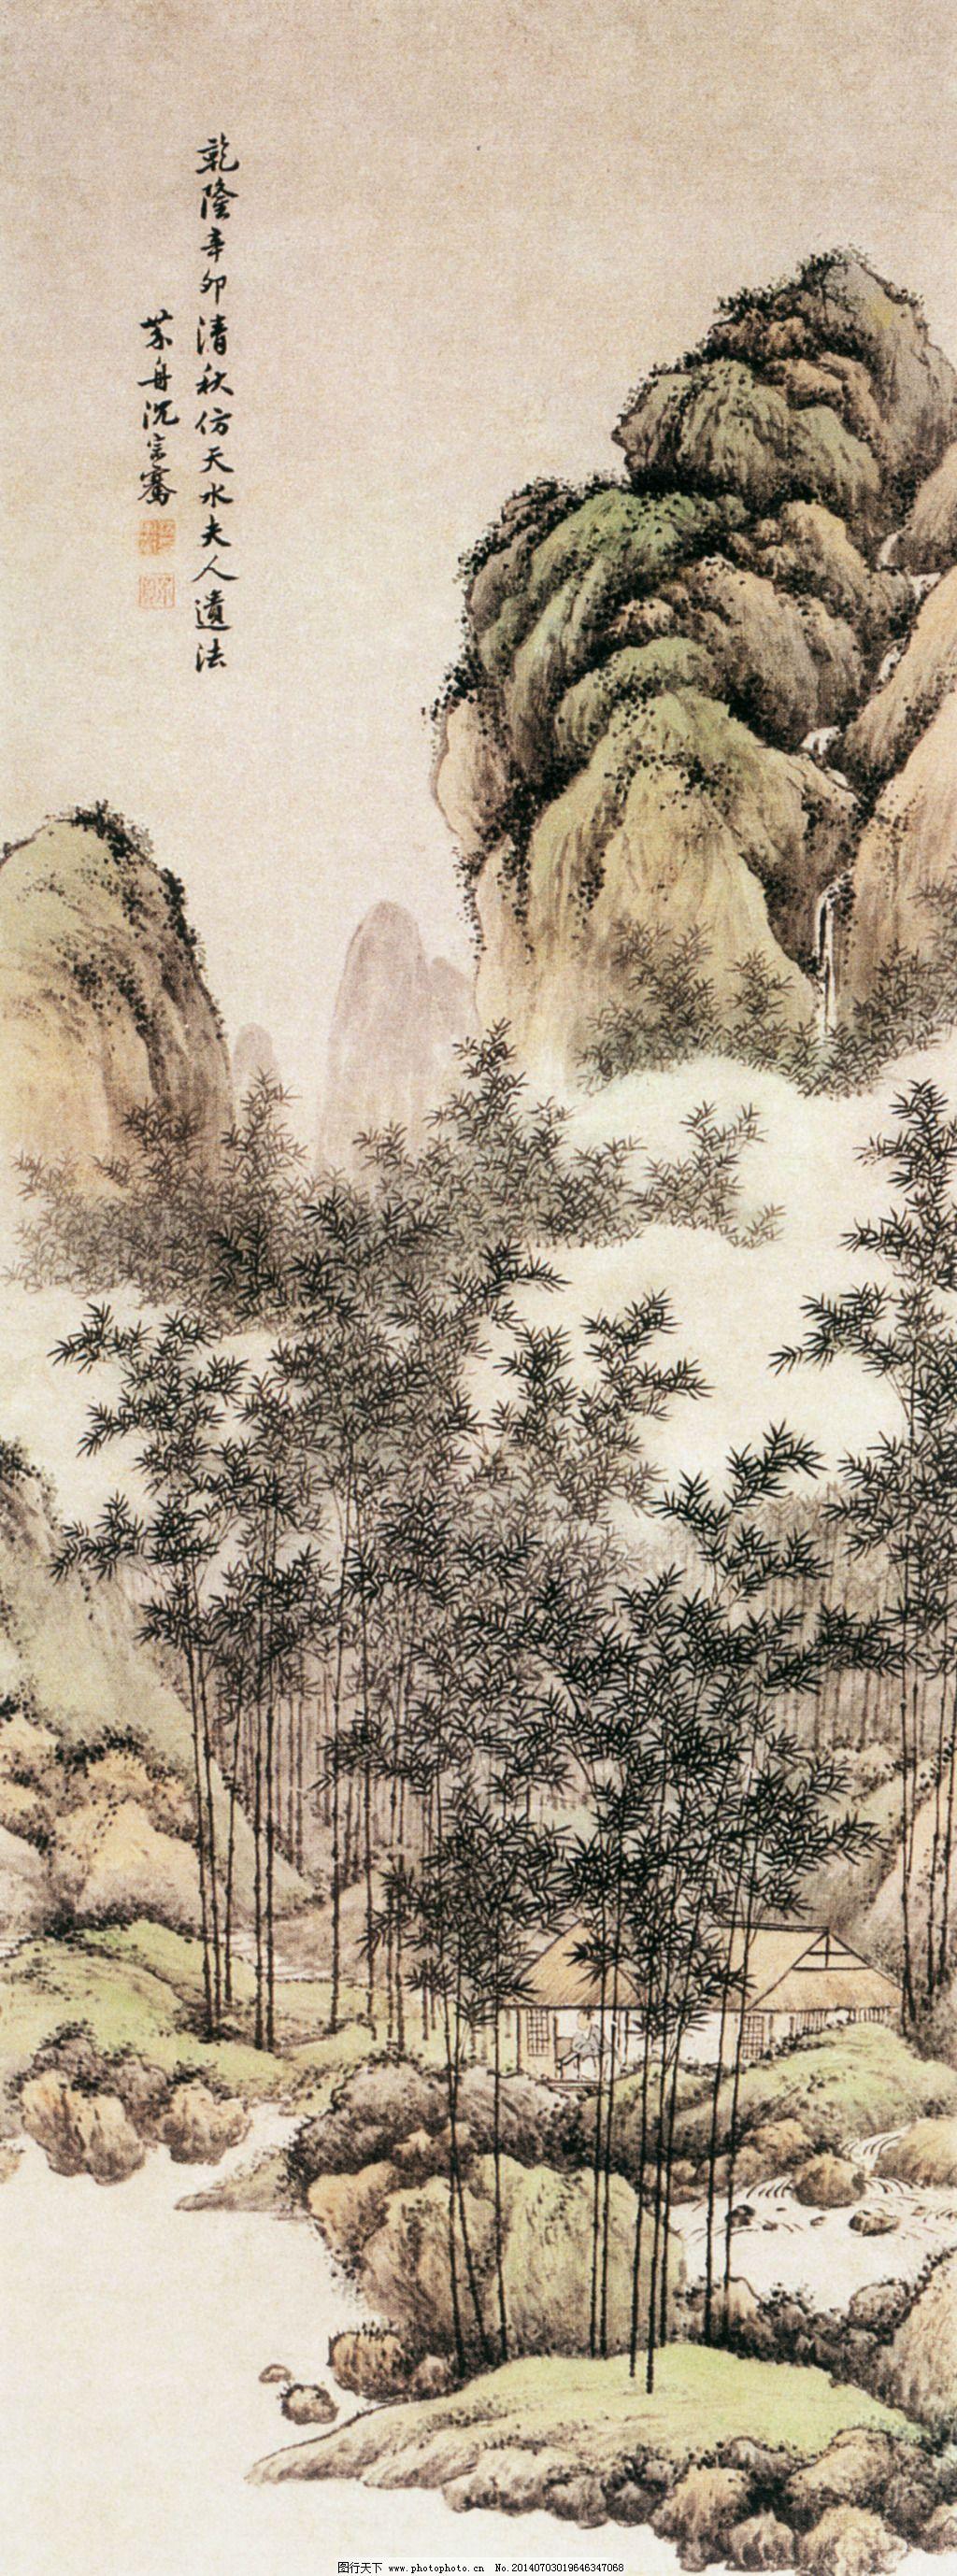 山水房子免费下载 国画 绘画 水墨 中国画 水墨 中国画 国画 绘画